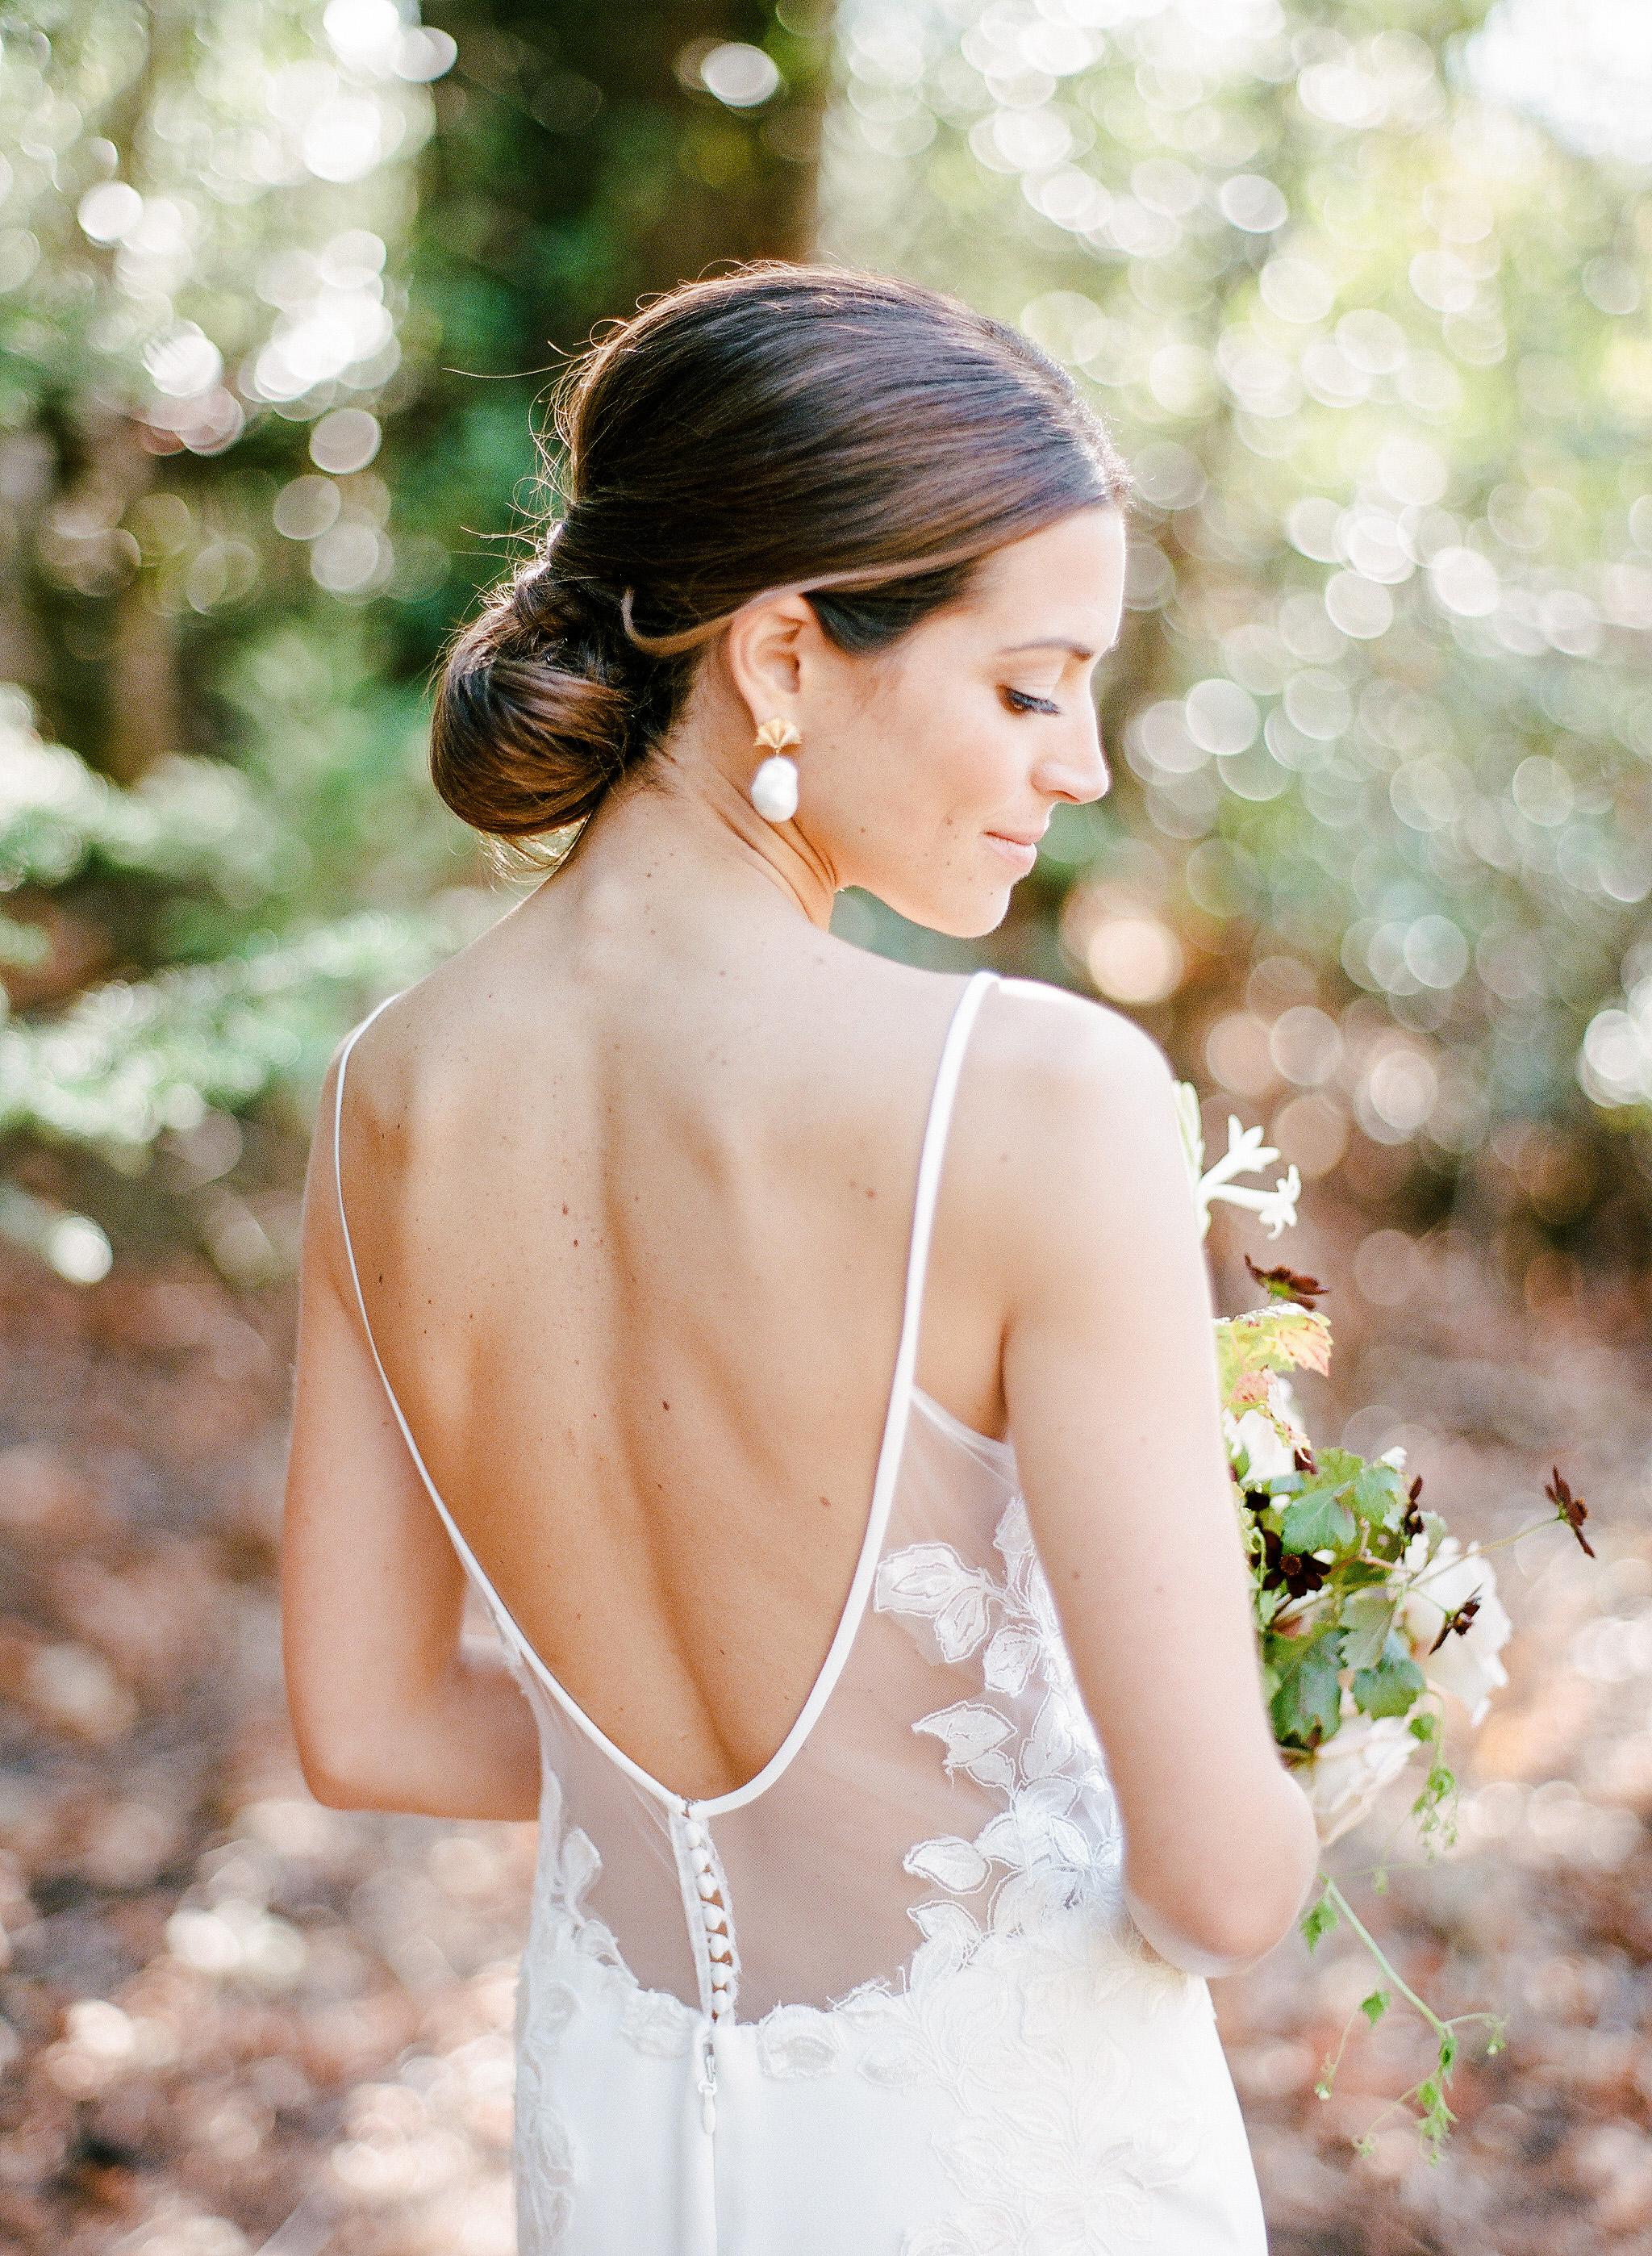 cristina chris wedding bride back of dress